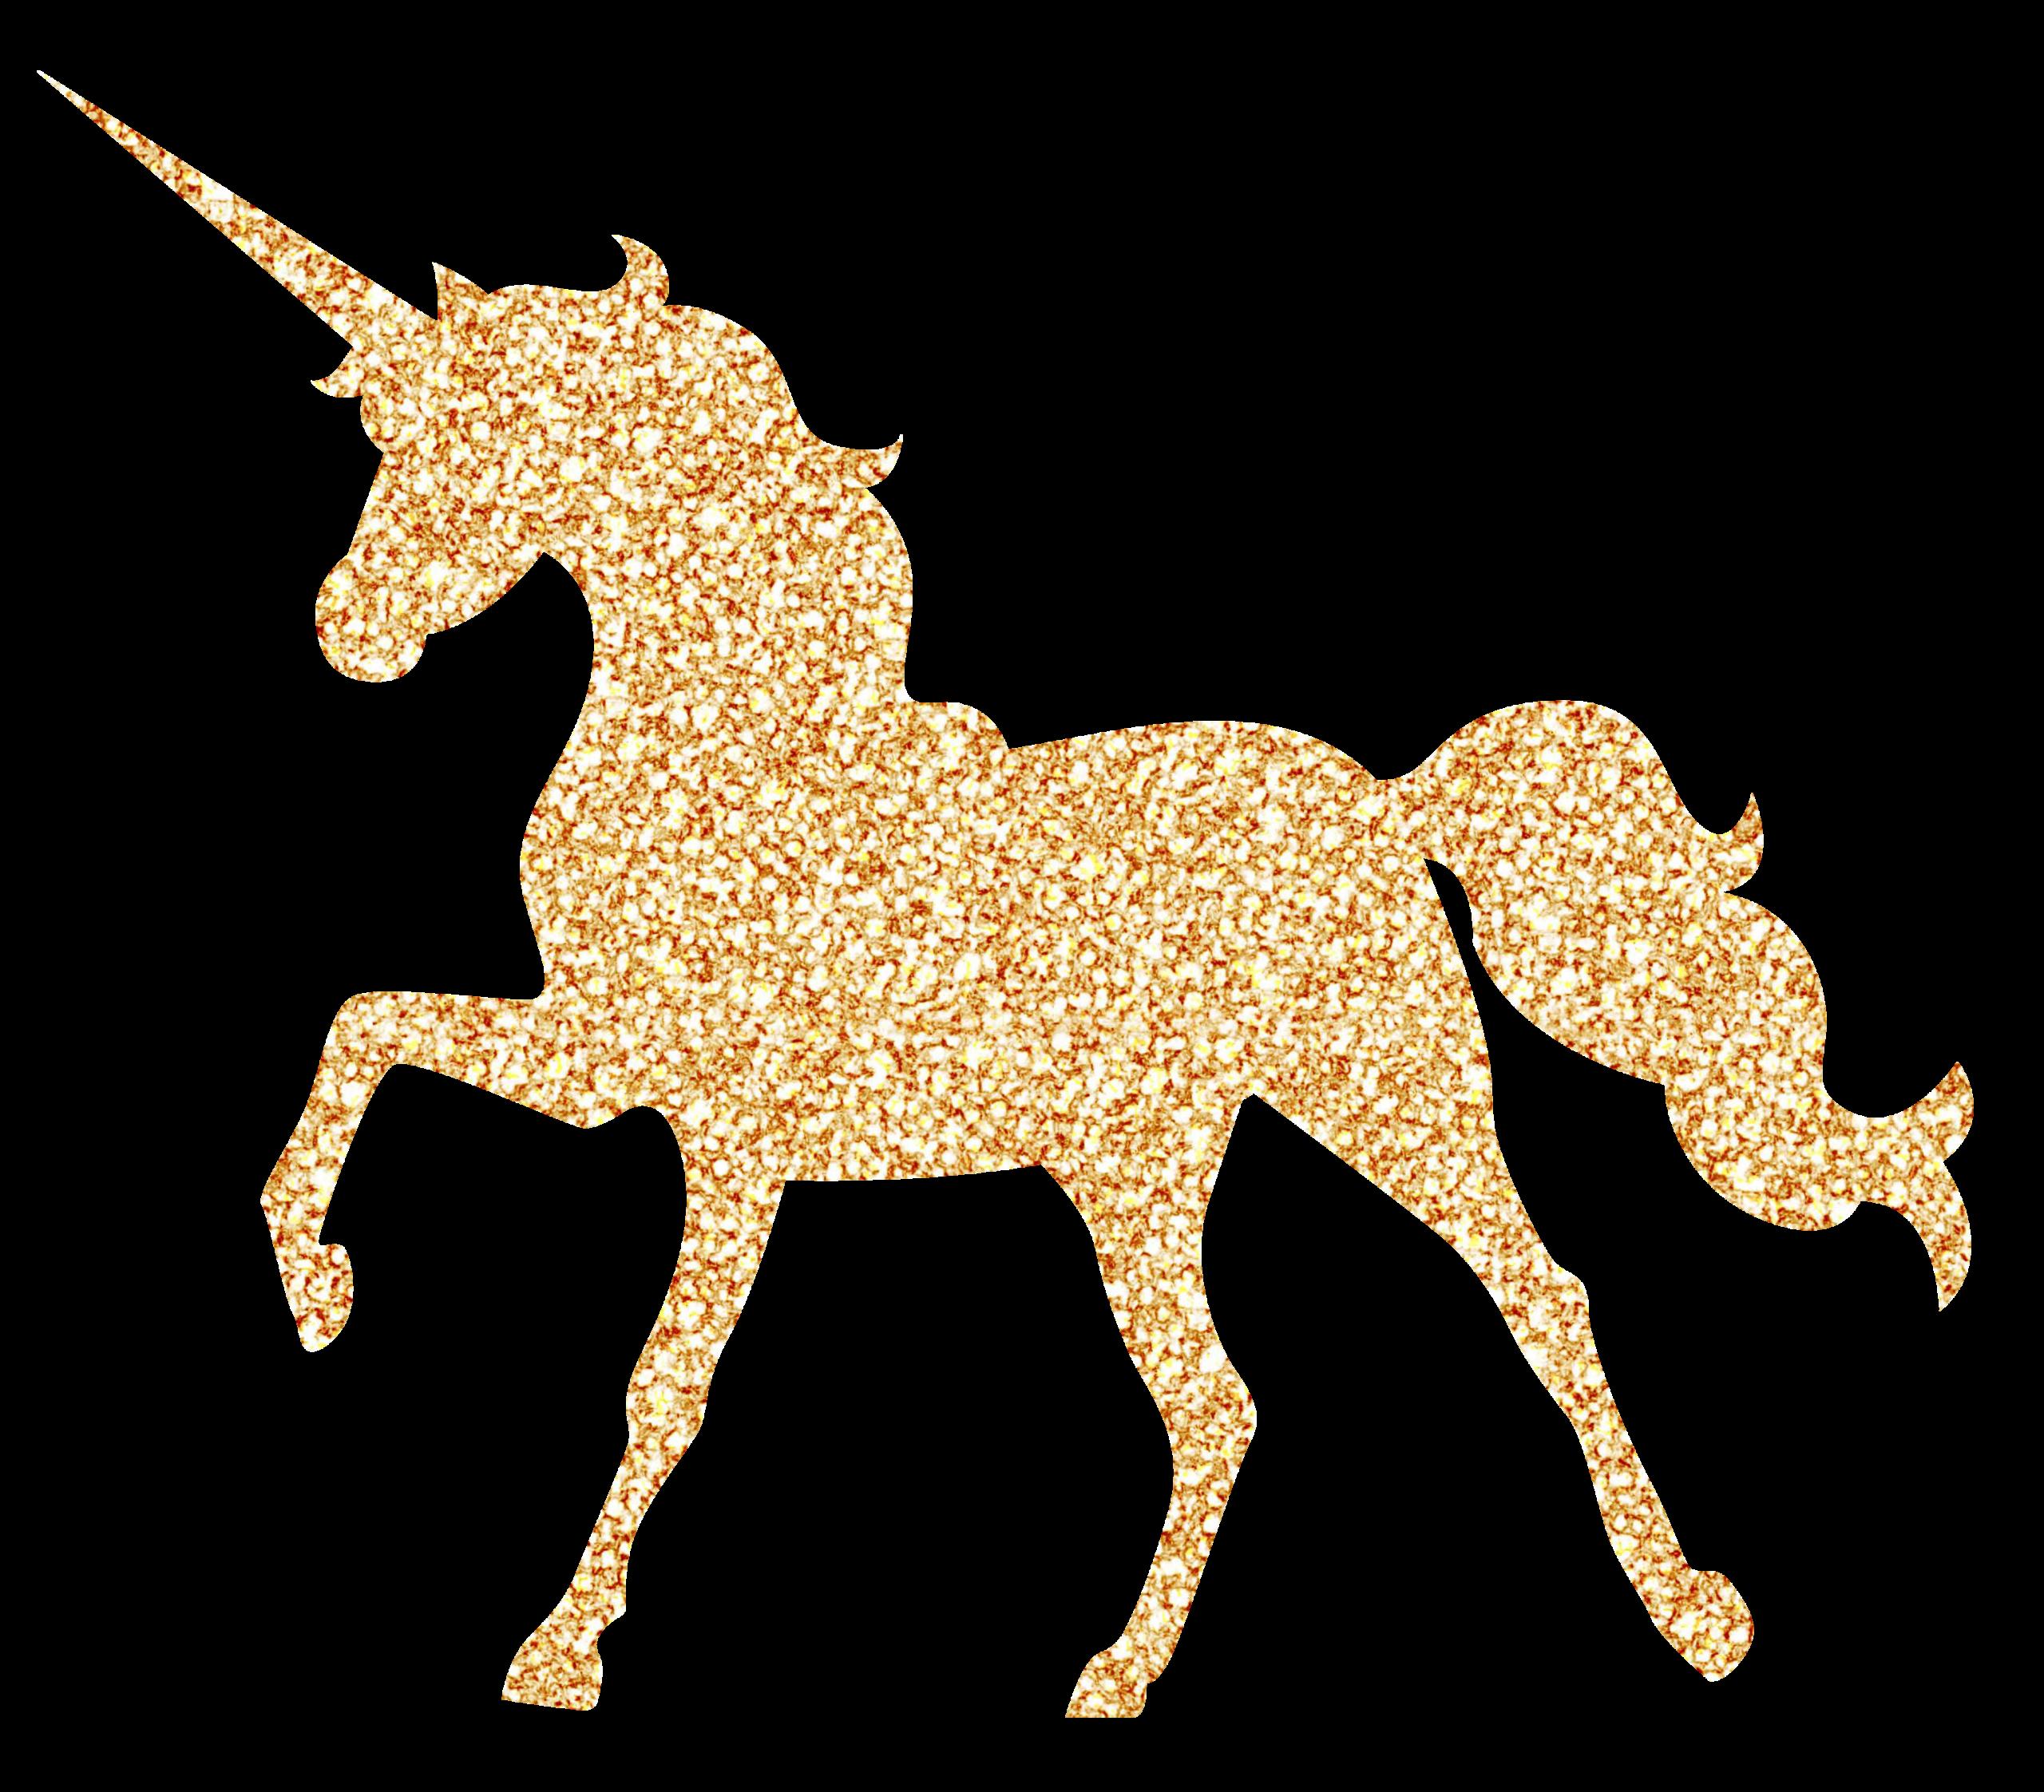 Küchendesign-logo karoll andrade karollandradejf on pinterest